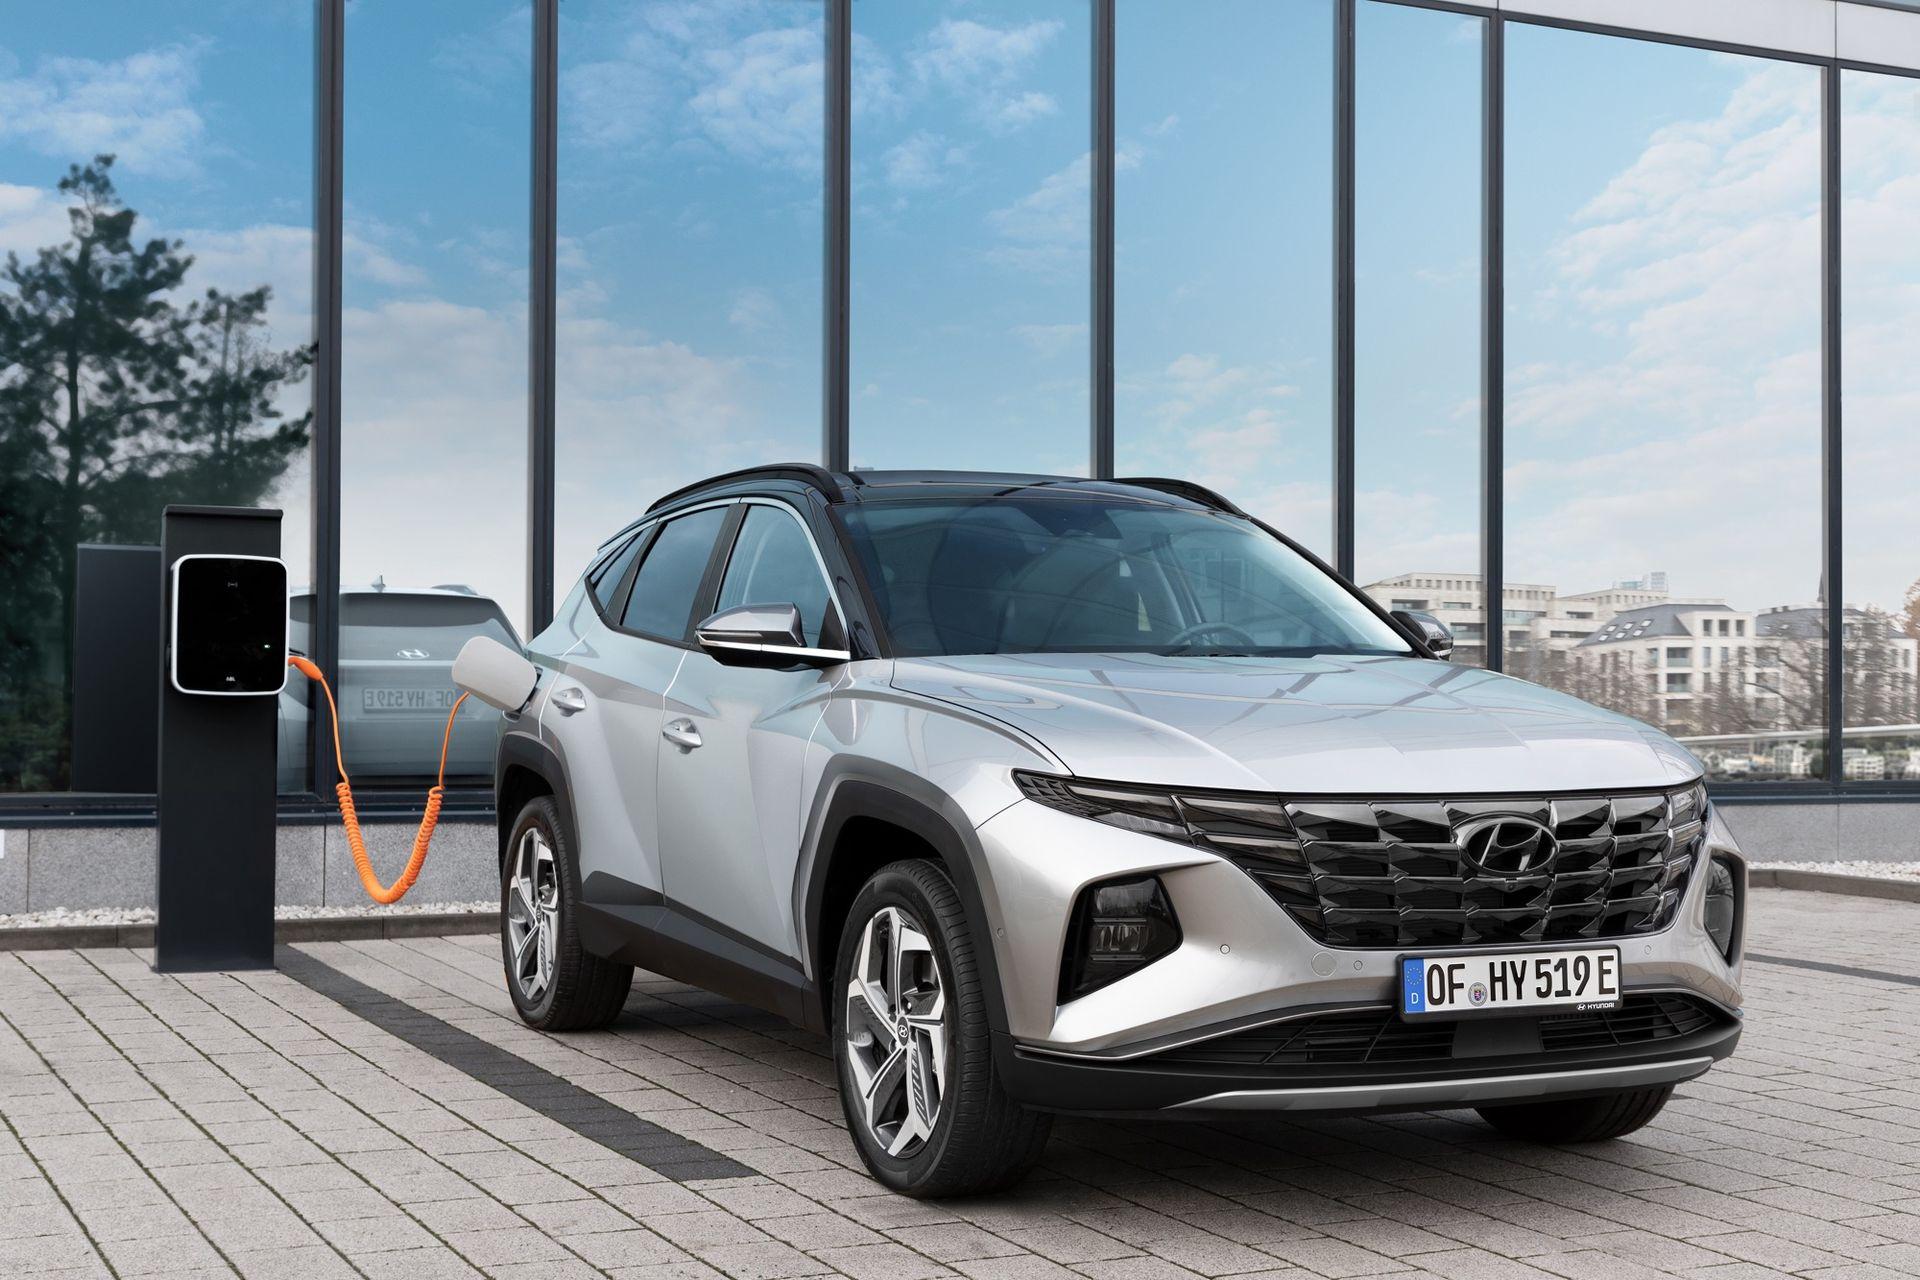 Hyundai berättar mer om Tucson som laddhybrid